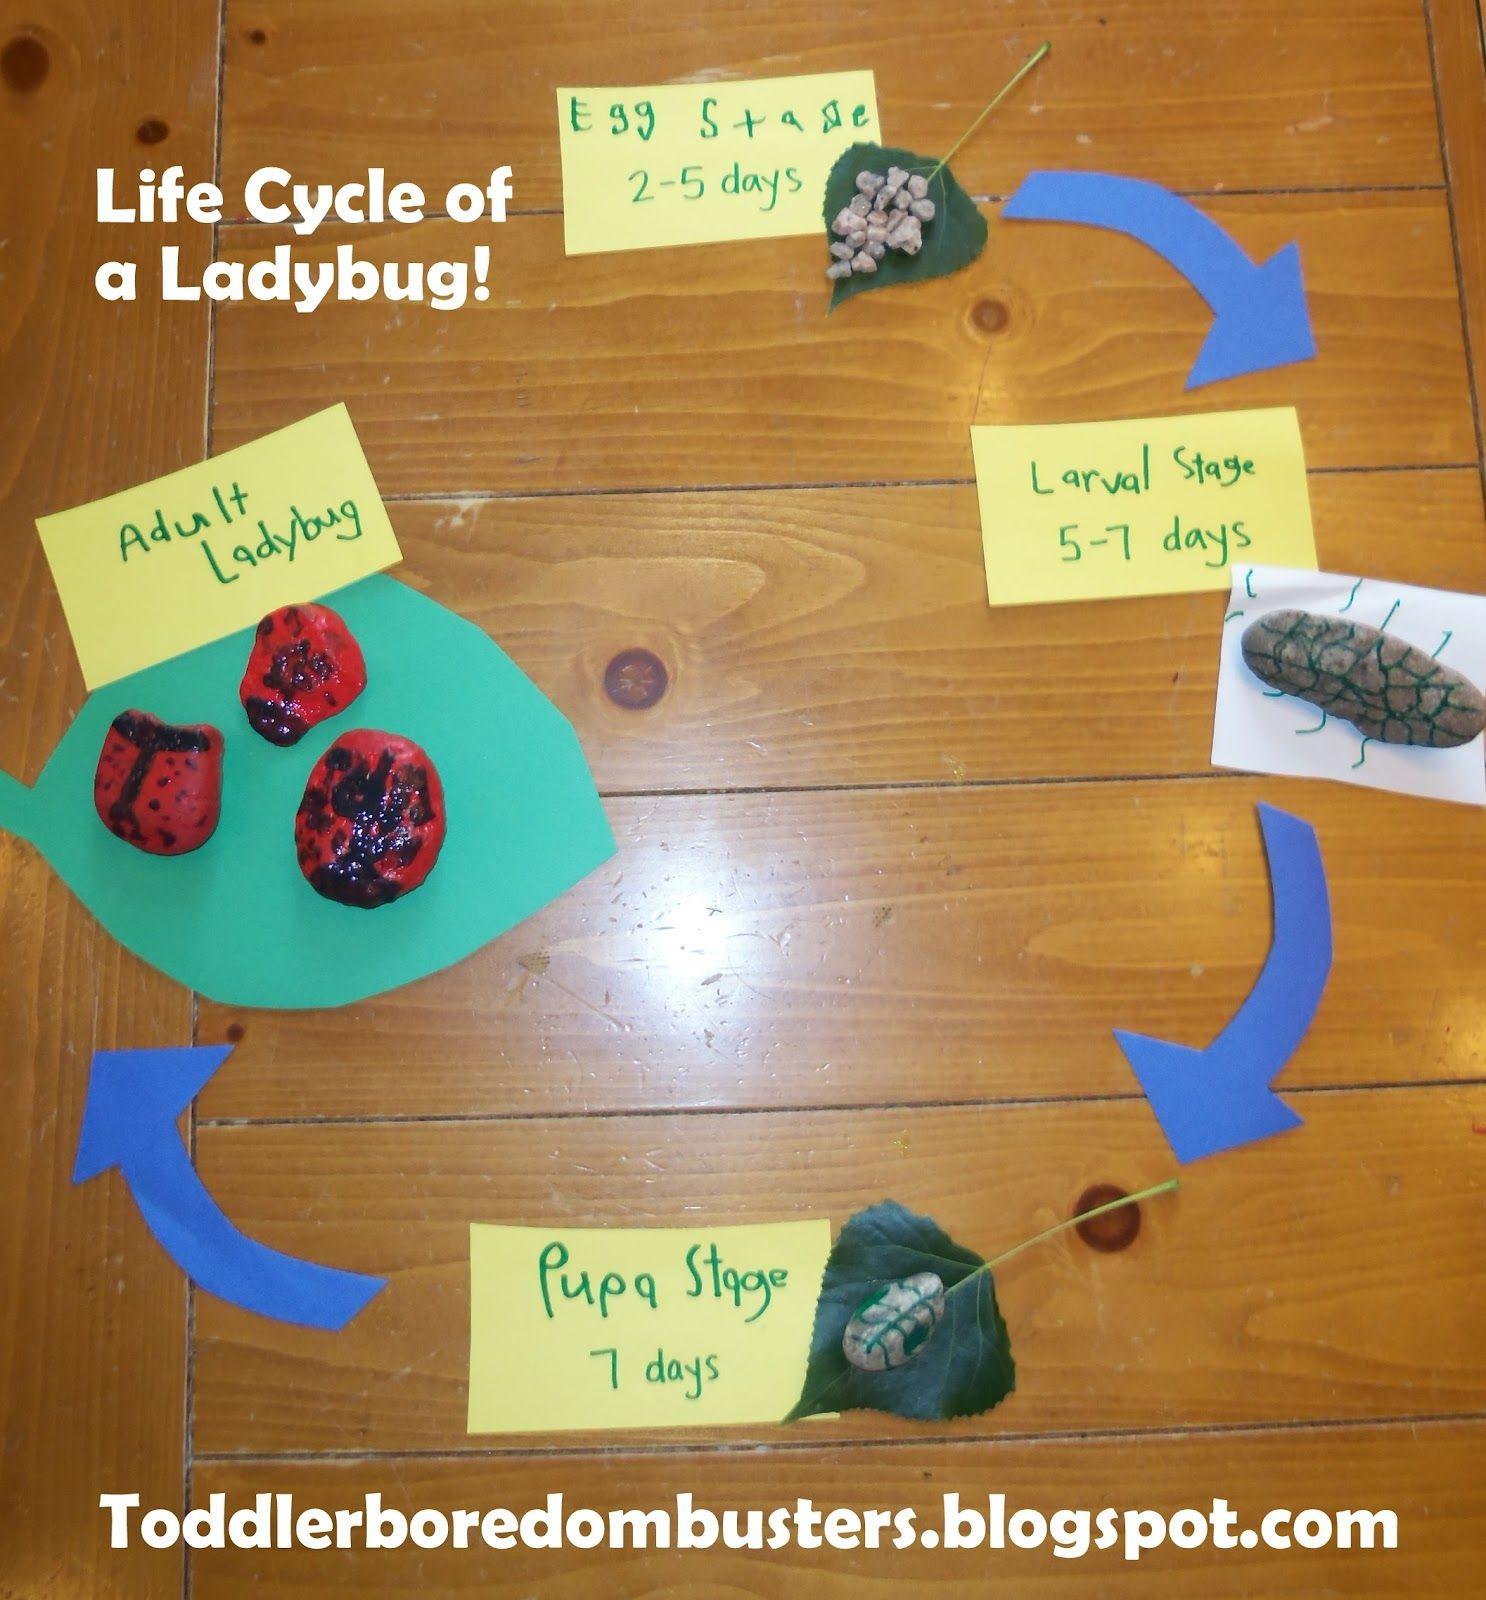 Ladybug Life Cycle With Images